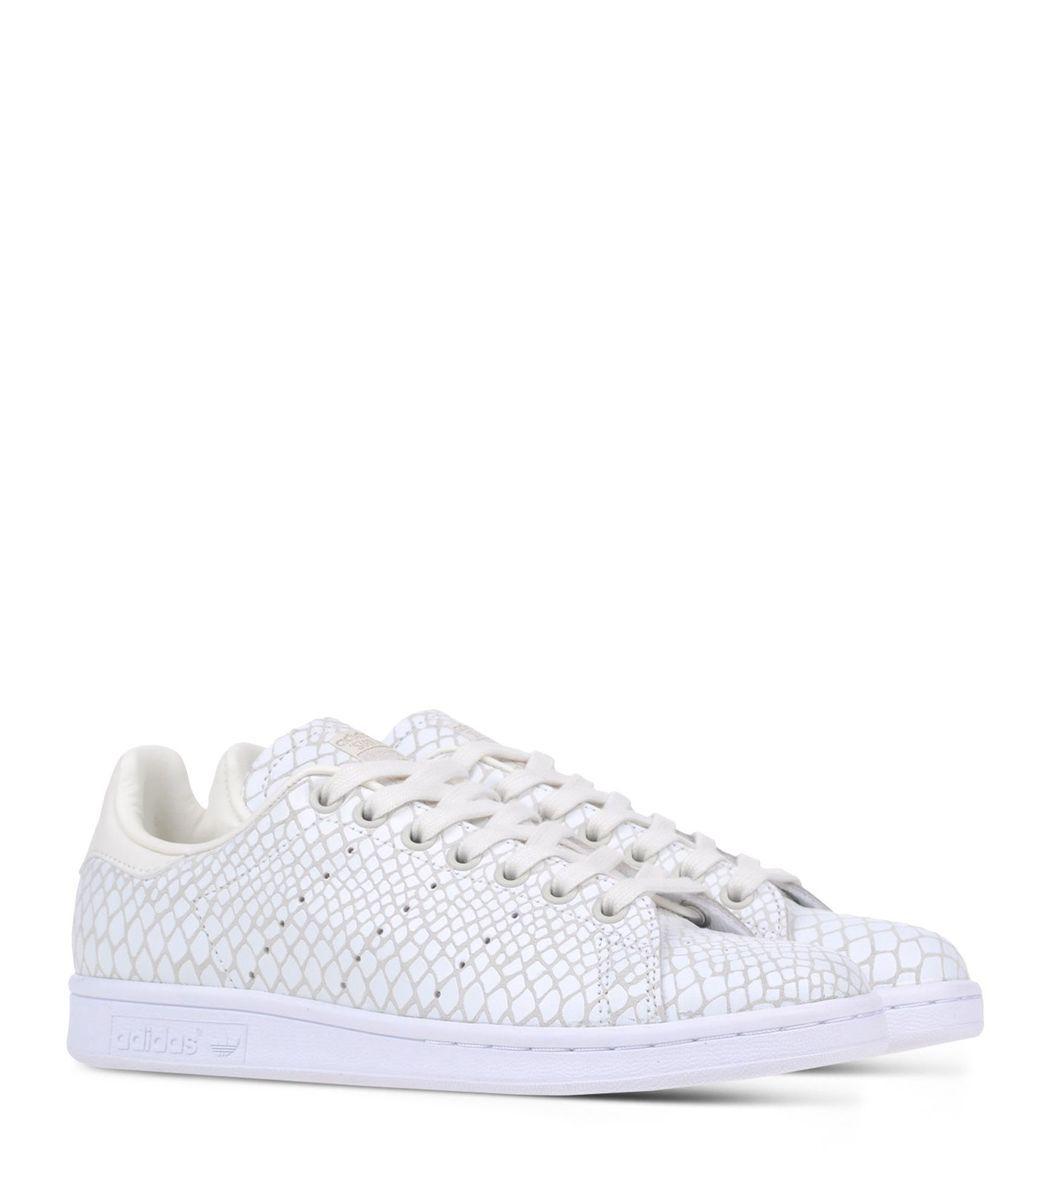 size 40 959fa 4a784 Adidas Originals White Scale Print  Stan Smith  Sneaker